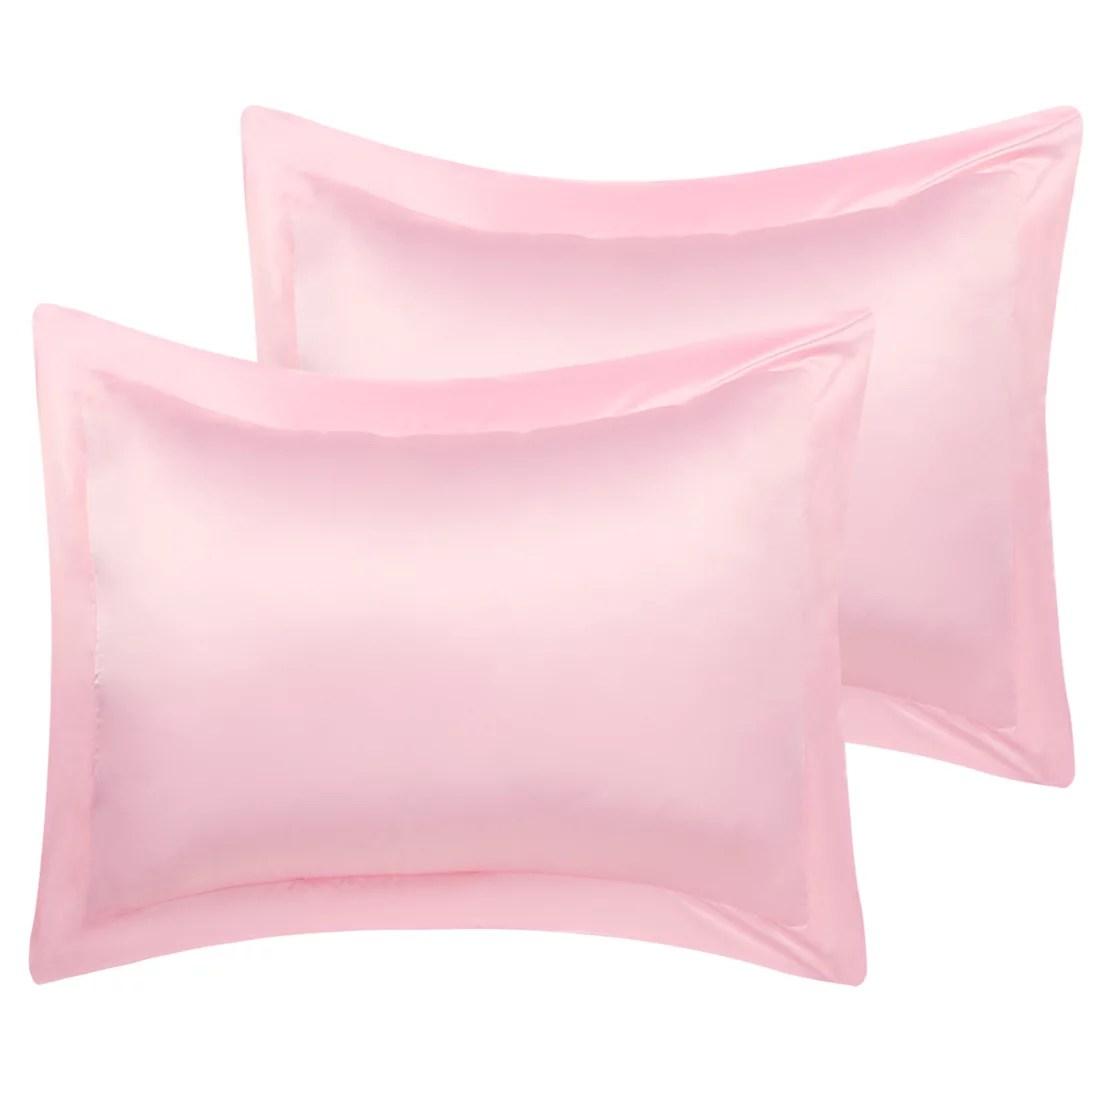 12x16 pillow case